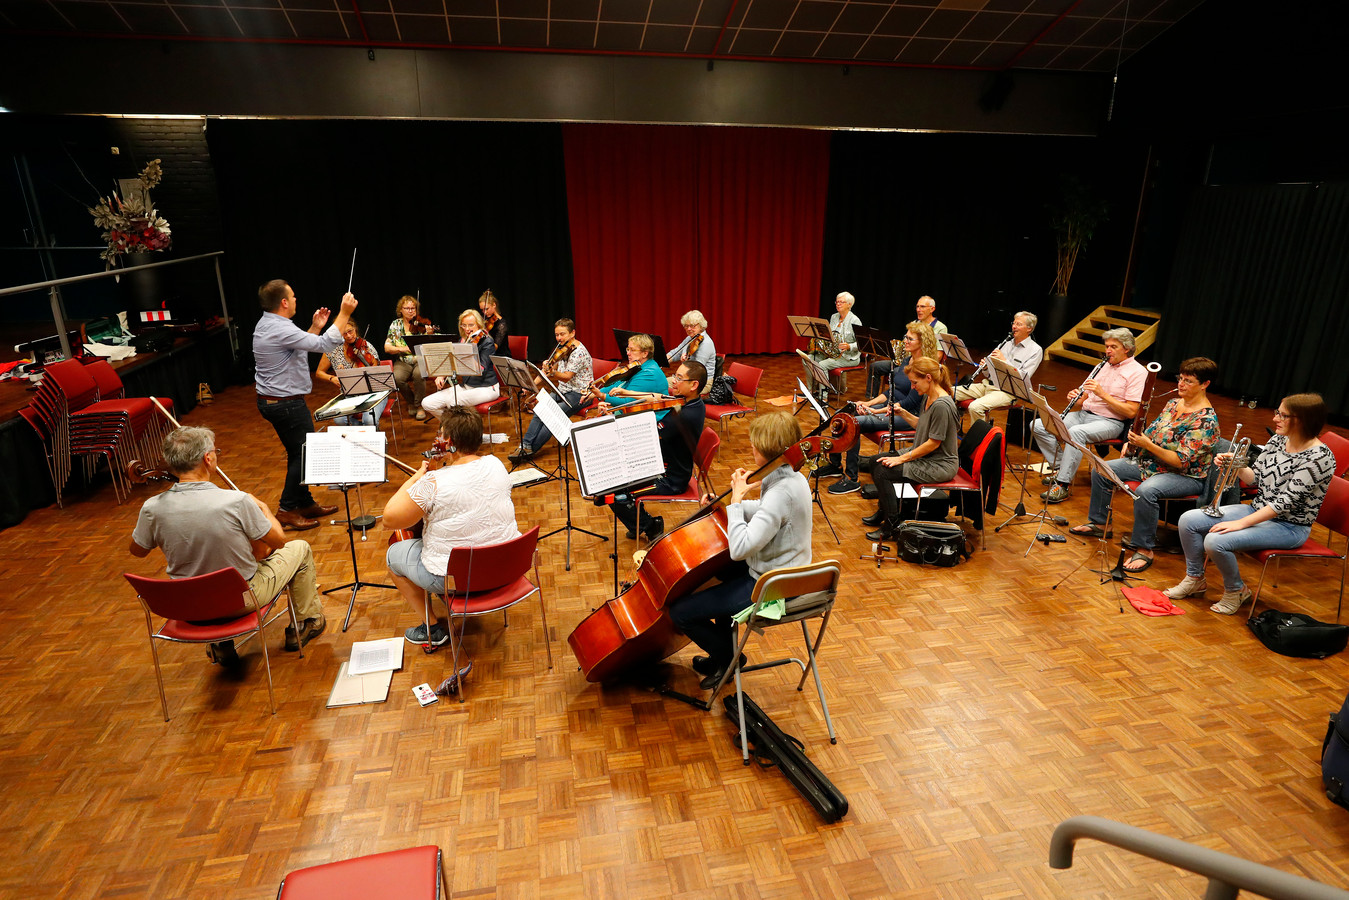 Een repetitie van het Valkenswaardse Kamerorkest.